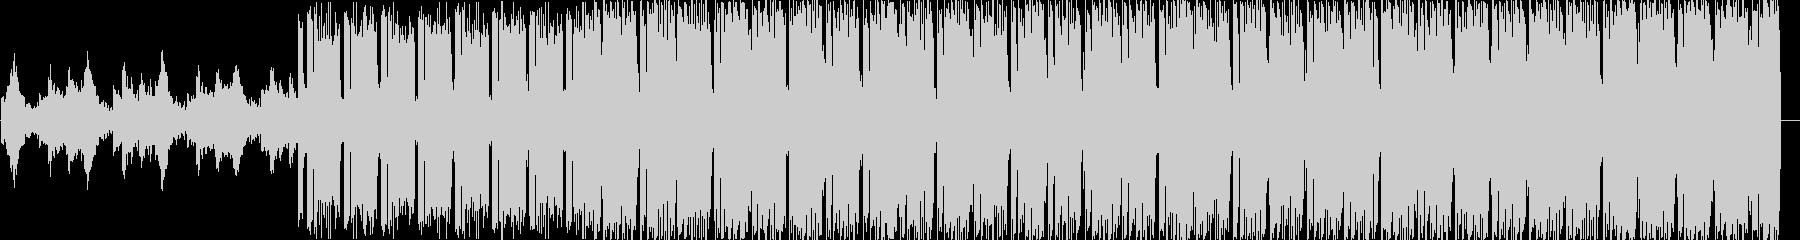 ファンタジーなシンセポップテクノ系の未再生の波形